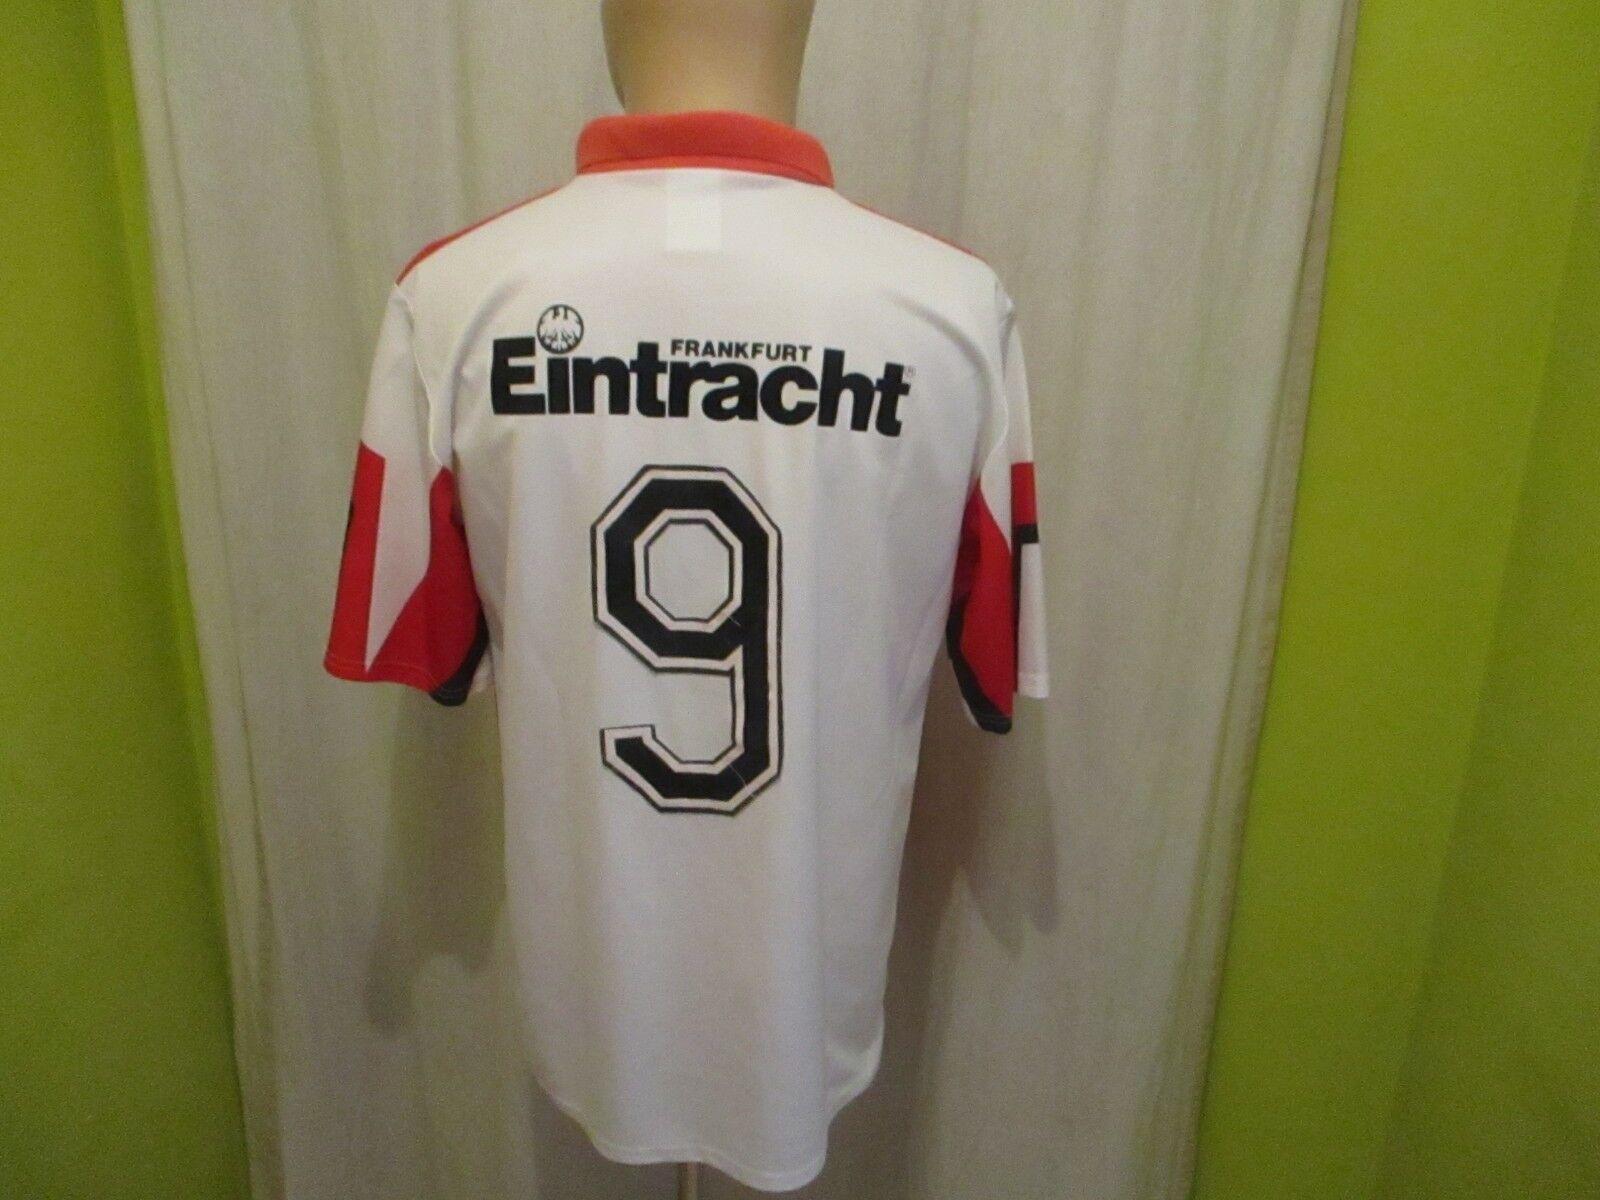 Eintracht Frankfurt Original Puma Trikot 1992 93  ohne Sponsor  + Nr.9 Gr.M  | Angemessene Lieferung und pünktliche Lieferung